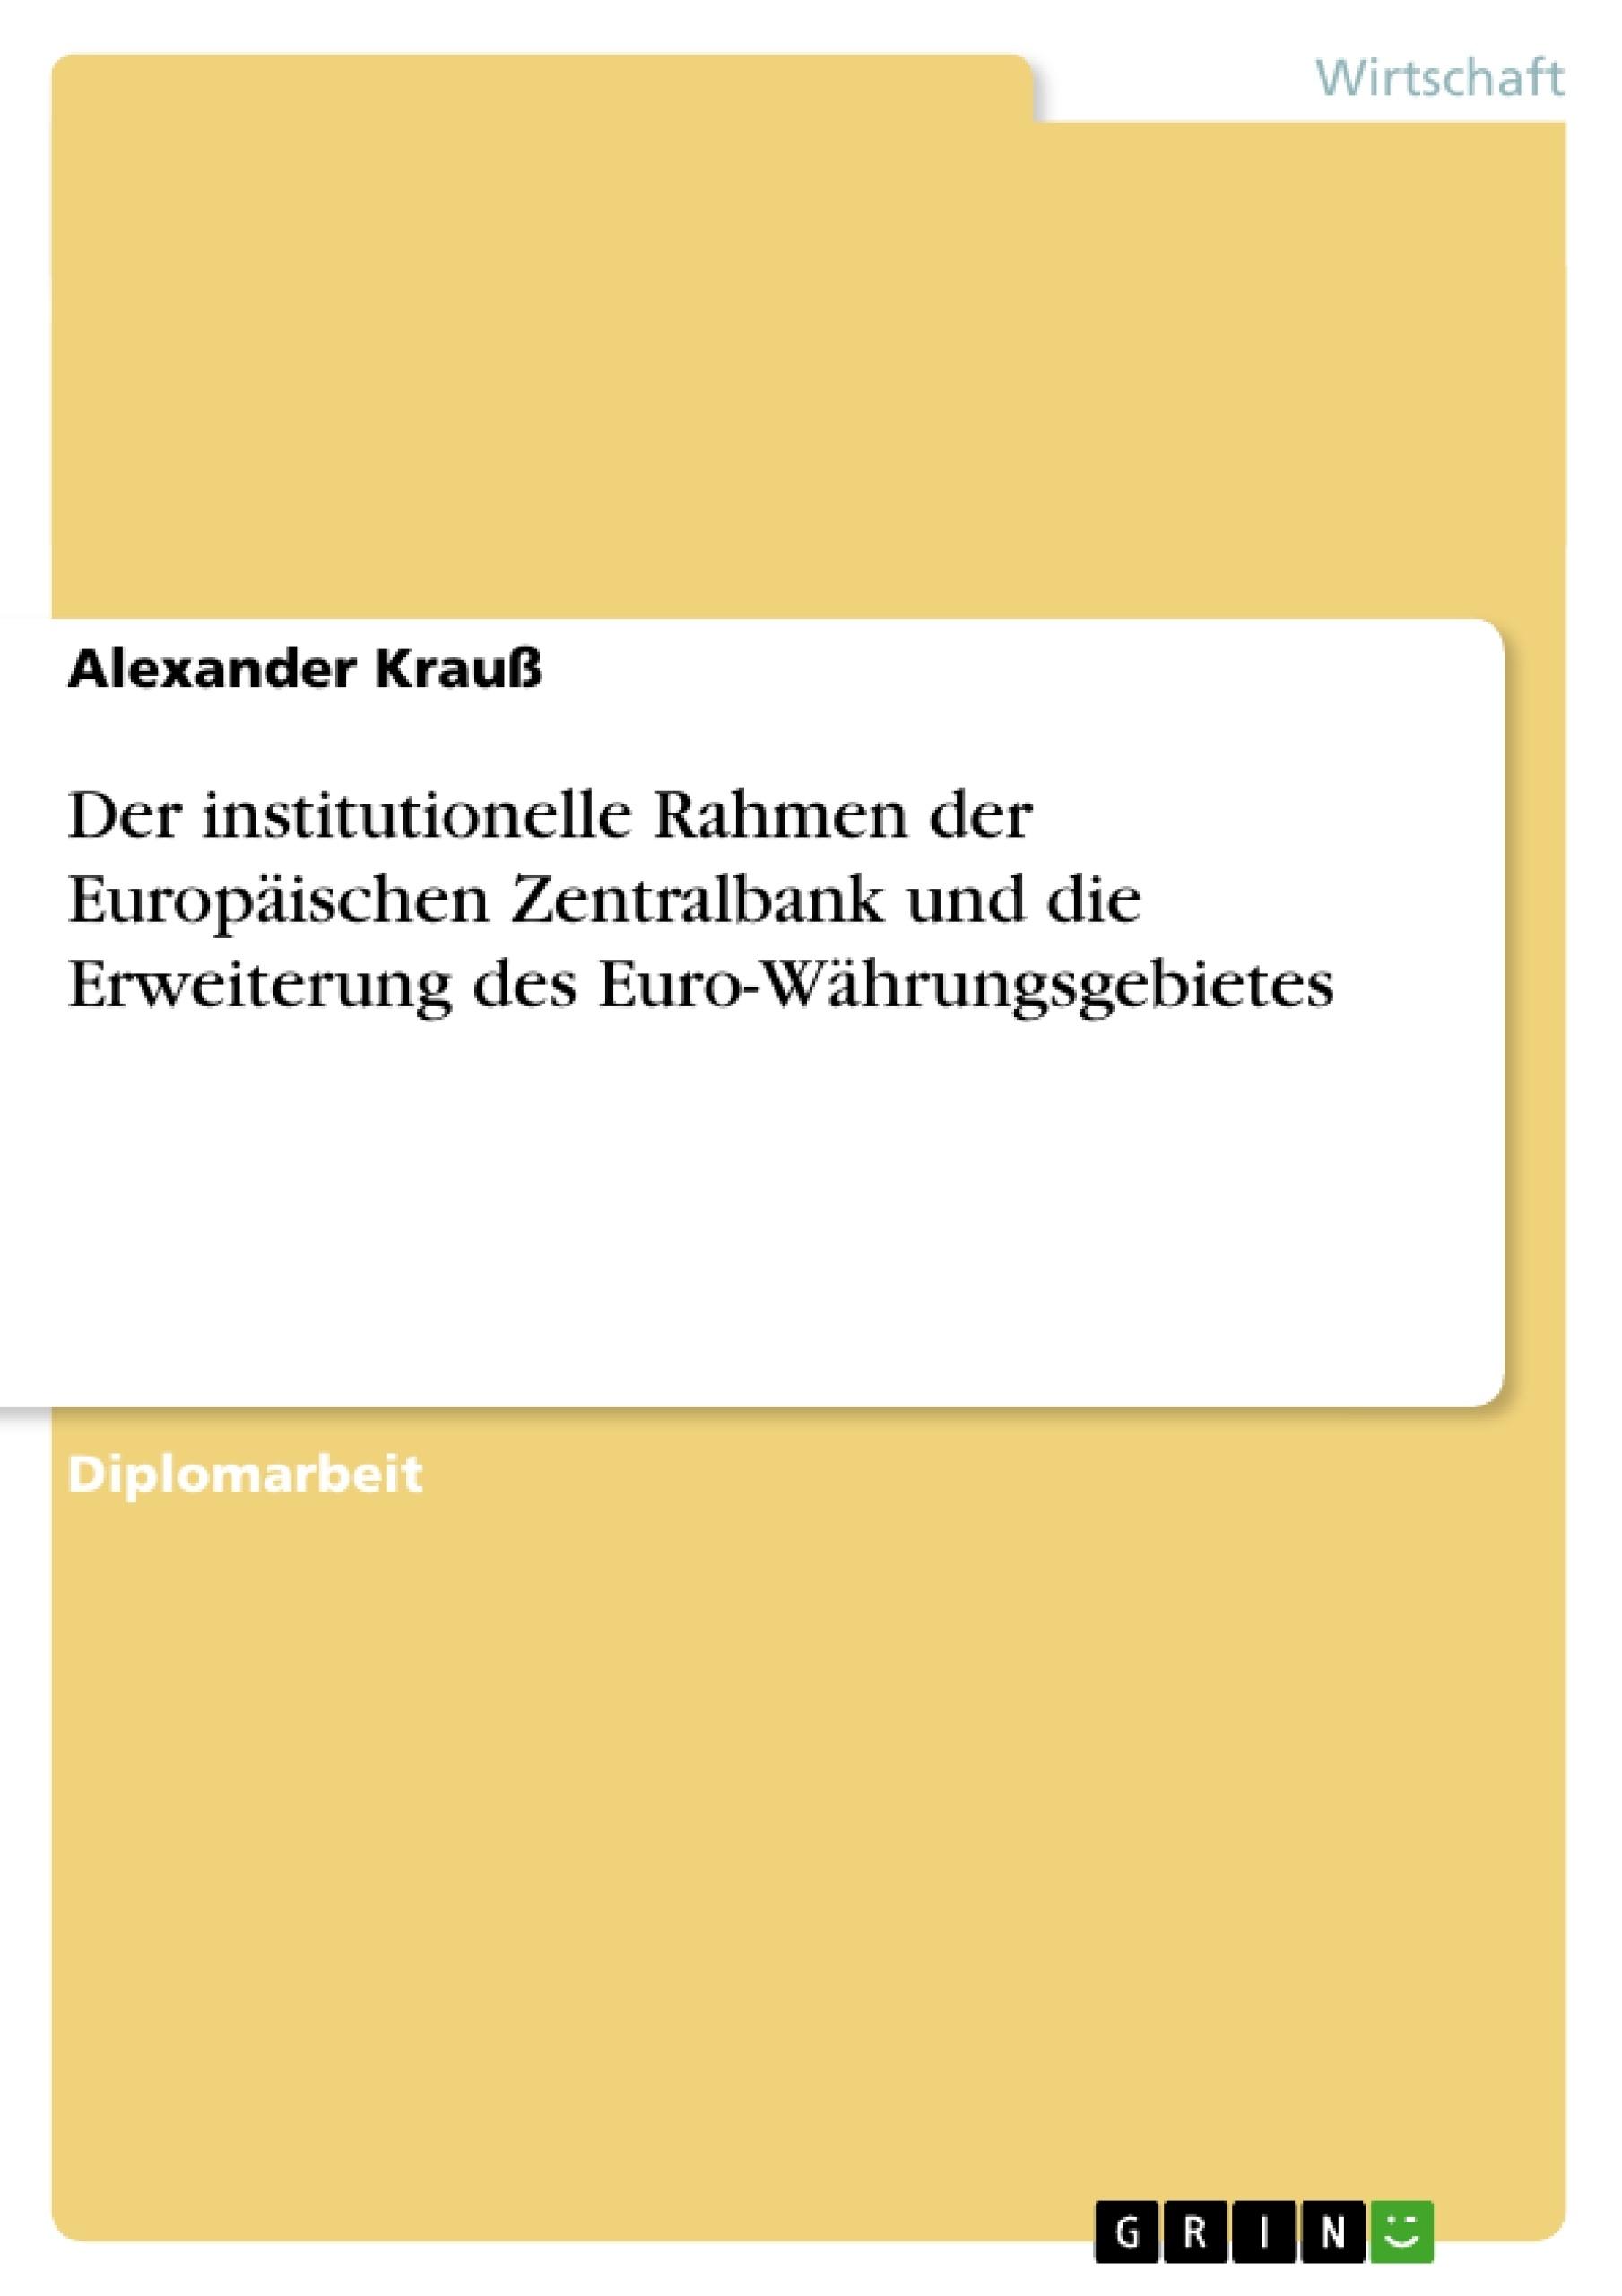 Titel: Der institutionelle Rahmen der Europäischen Zentralbank und die Erweiterung des Euro-Währungsgebietes